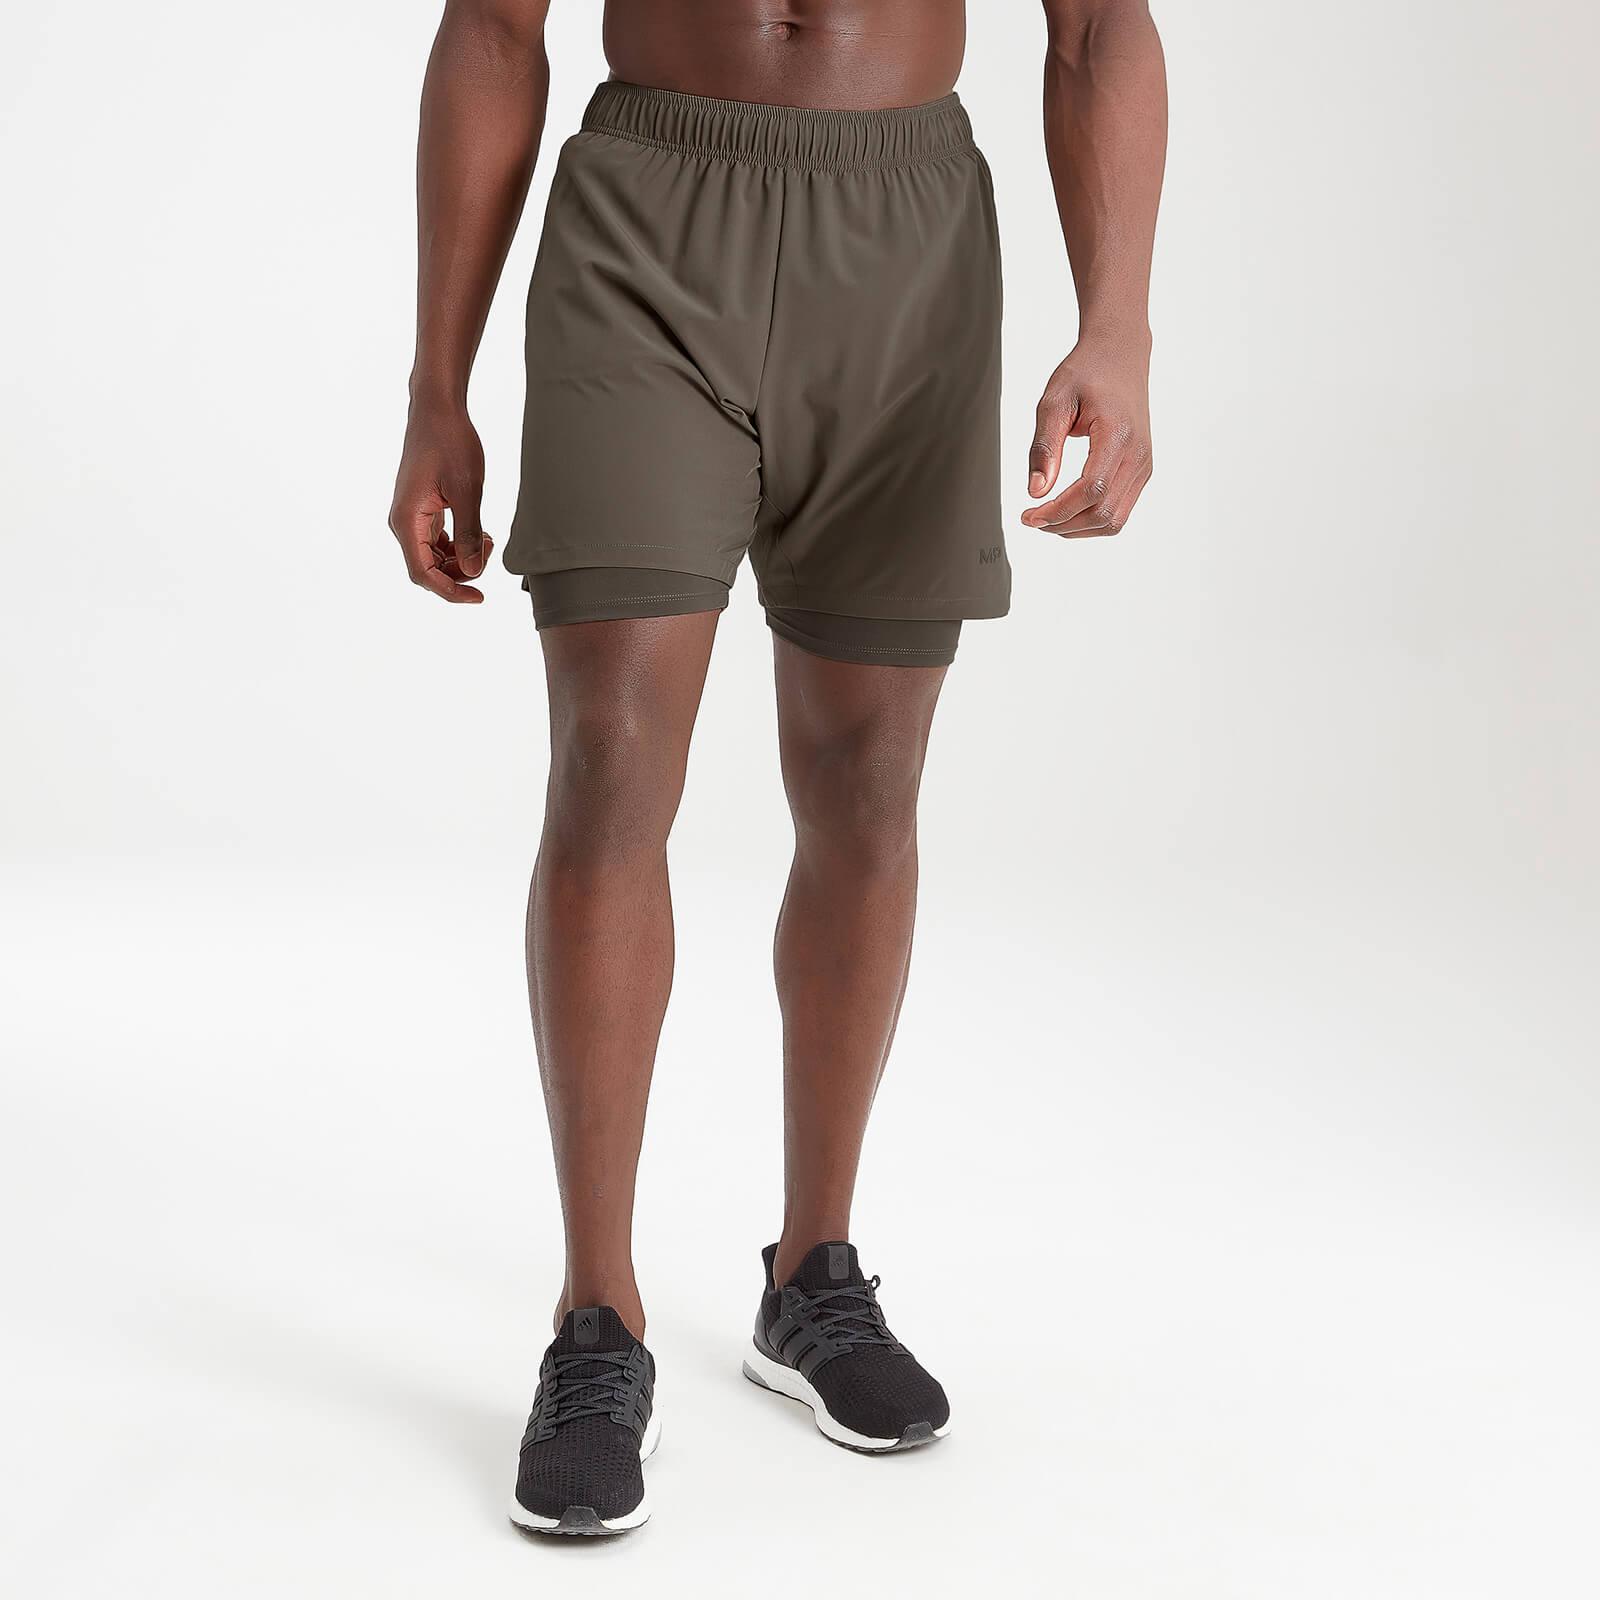 Купить MP Men's Essentials Training 2-In-1 Shorts - Dark Olive - XXS, Myprotein International